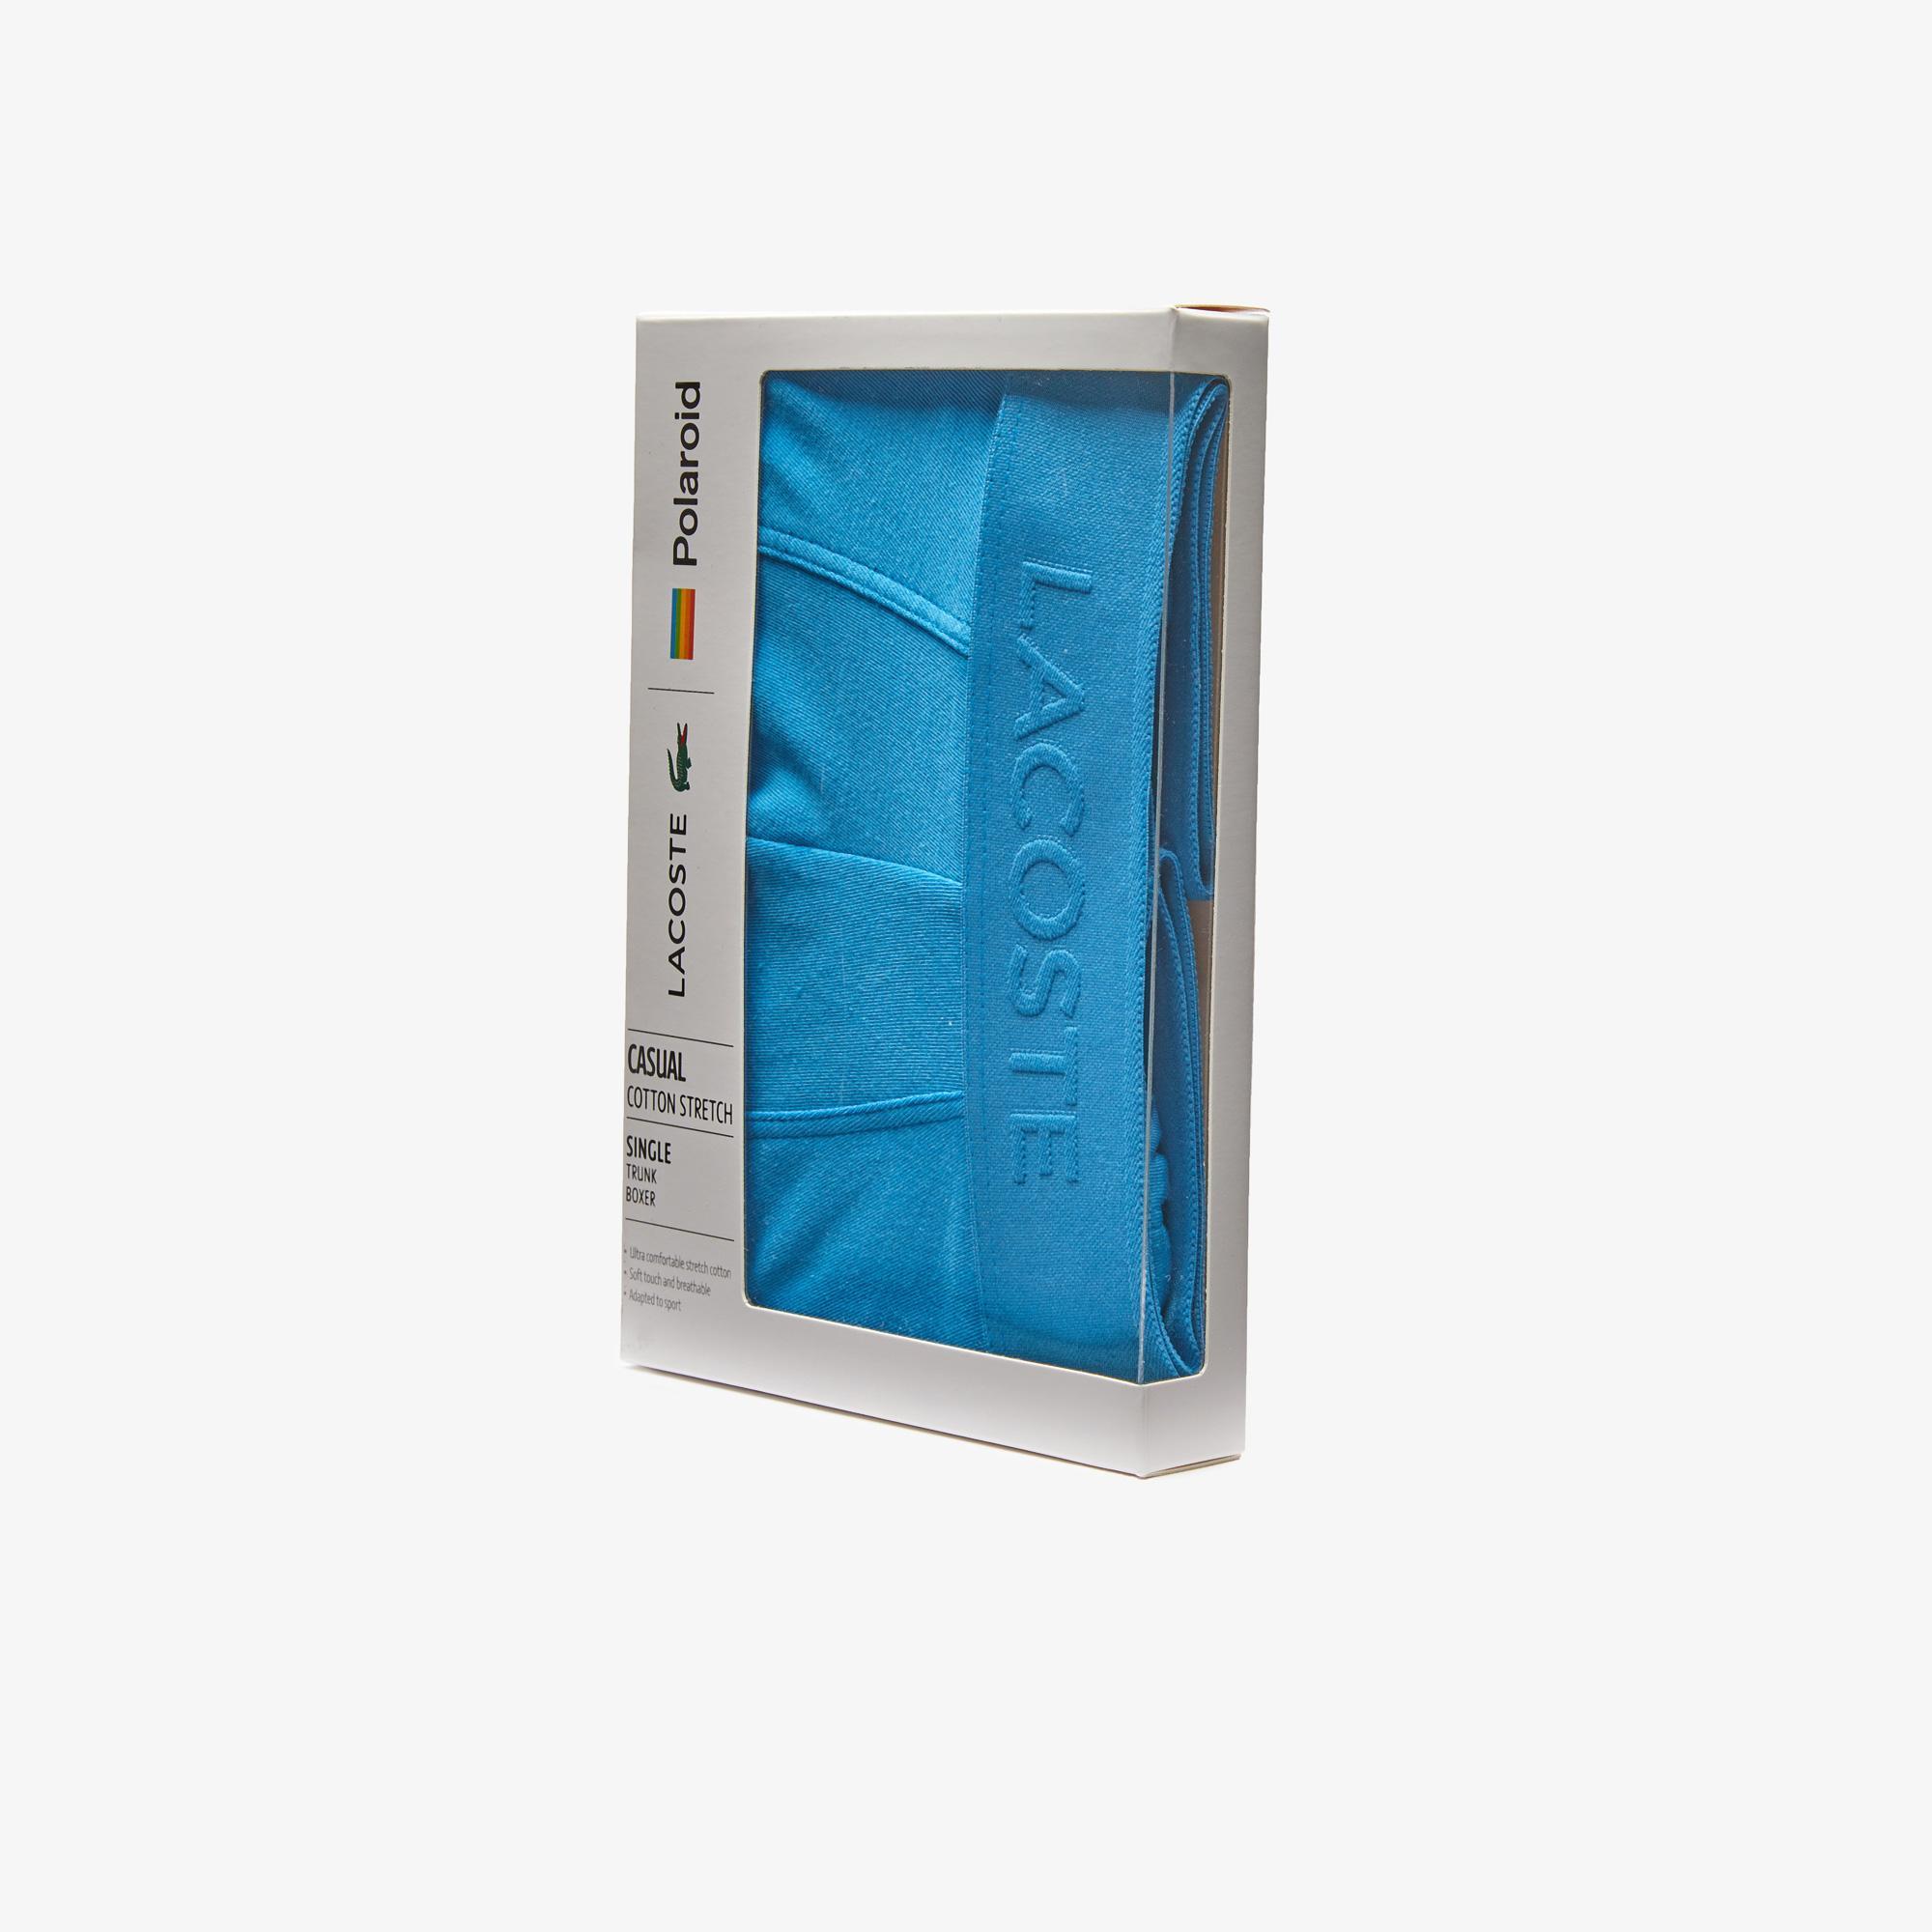 Lacoste труси 1шт. уп. чоловічі x Polaroid